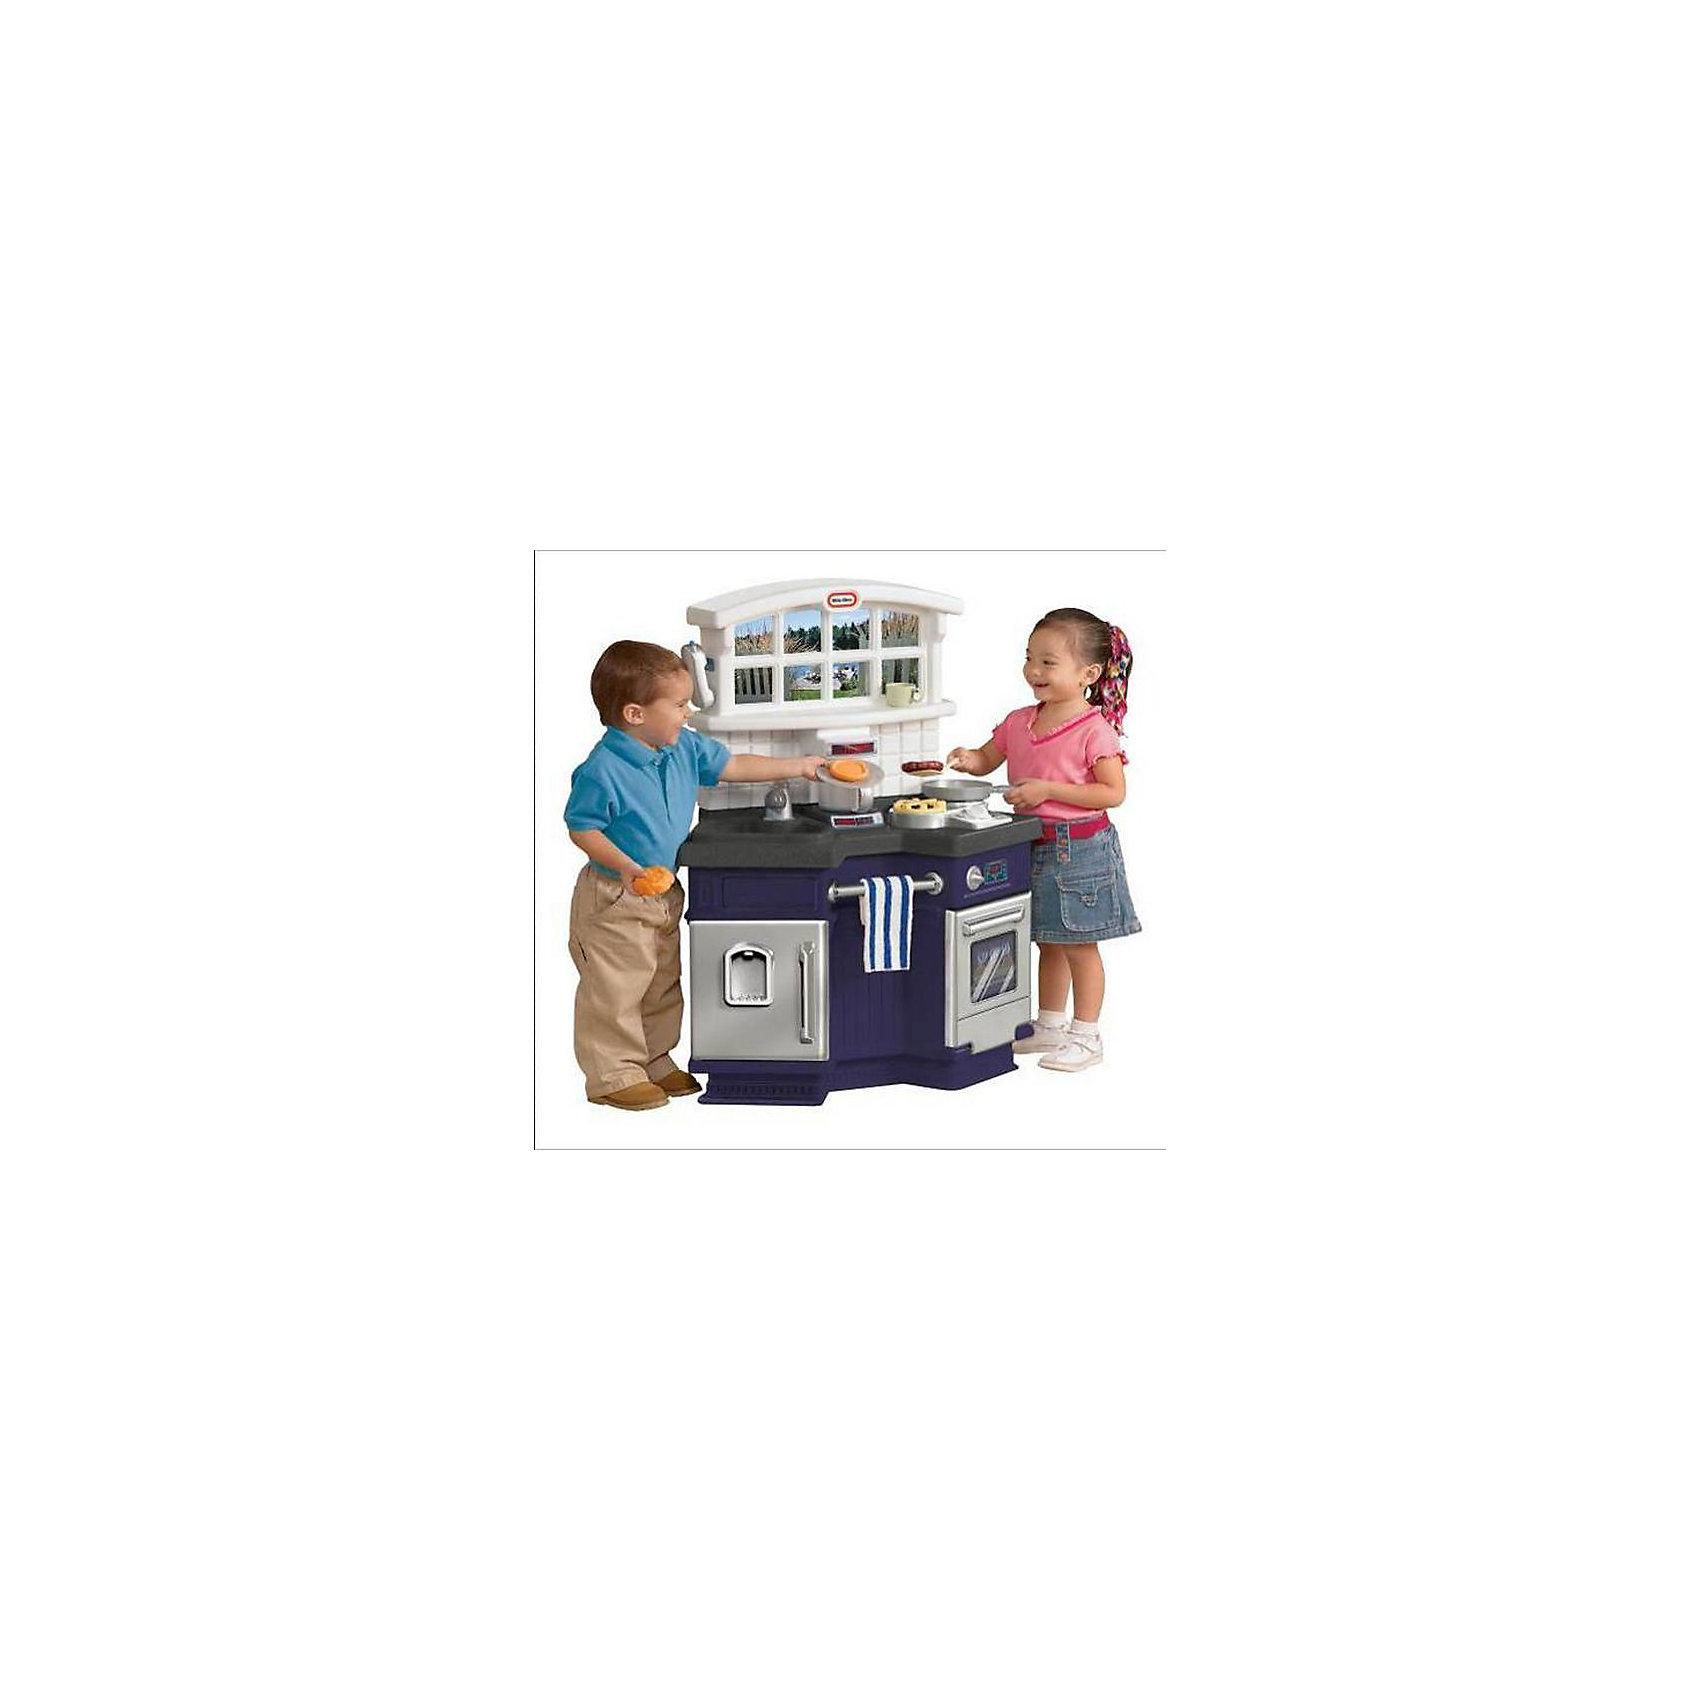 Кухня (со звуком), Little TikesДетские кухни<br>Стильная игровая кухня от Little Tikes (Литл Тайкс) непременно порадует  юных хозяюшек!<br><br>Кухня с необычным угловым дизайном включает в себя все компоненты взрослой кухни: плита с конфорками и духовкой; вешалка с полотенцем; холодильник; раковина с водопроводным краном; гранитная столешница над которой окно с постером вид на улицу. <br><br>При включении плиты слышны звуки готовящейся еды, при включении водопроводного крана - шум воды.<br><br>В комплекте также 18 аксессуаров для кухни (в виде посуды, столовых приборов и муляжей продуктов) и телефон со звуками.<br>Кухня изготовлена из высококачественных материалов с высокой прочностью.  <br><br>Дополнительная информация:<br><br>-Требуются батарейки: 2*AA (в комплект не входят).<br>-Материал: пластмасса.<br>-Размеры кухни: 76 x 27 х 56 см. <br>-Вес: 8,12 кг.<br><br>С такой кухней Ваш малыш будет занят надолго, готовя вкусные обеды и ужины для своих любимых кукол.<br><br>Купить кухню Little Tikes можно в нашем магазине.<br><br>Ширина мм: 760<br>Глубина мм: 560<br>Высота мм: 420<br>Вес г: 8125<br>Возраст от месяцев: 36<br>Возраст до месяцев: 72<br>Пол: Унисекс<br>Возраст: Детский<br>SKU: 3151414